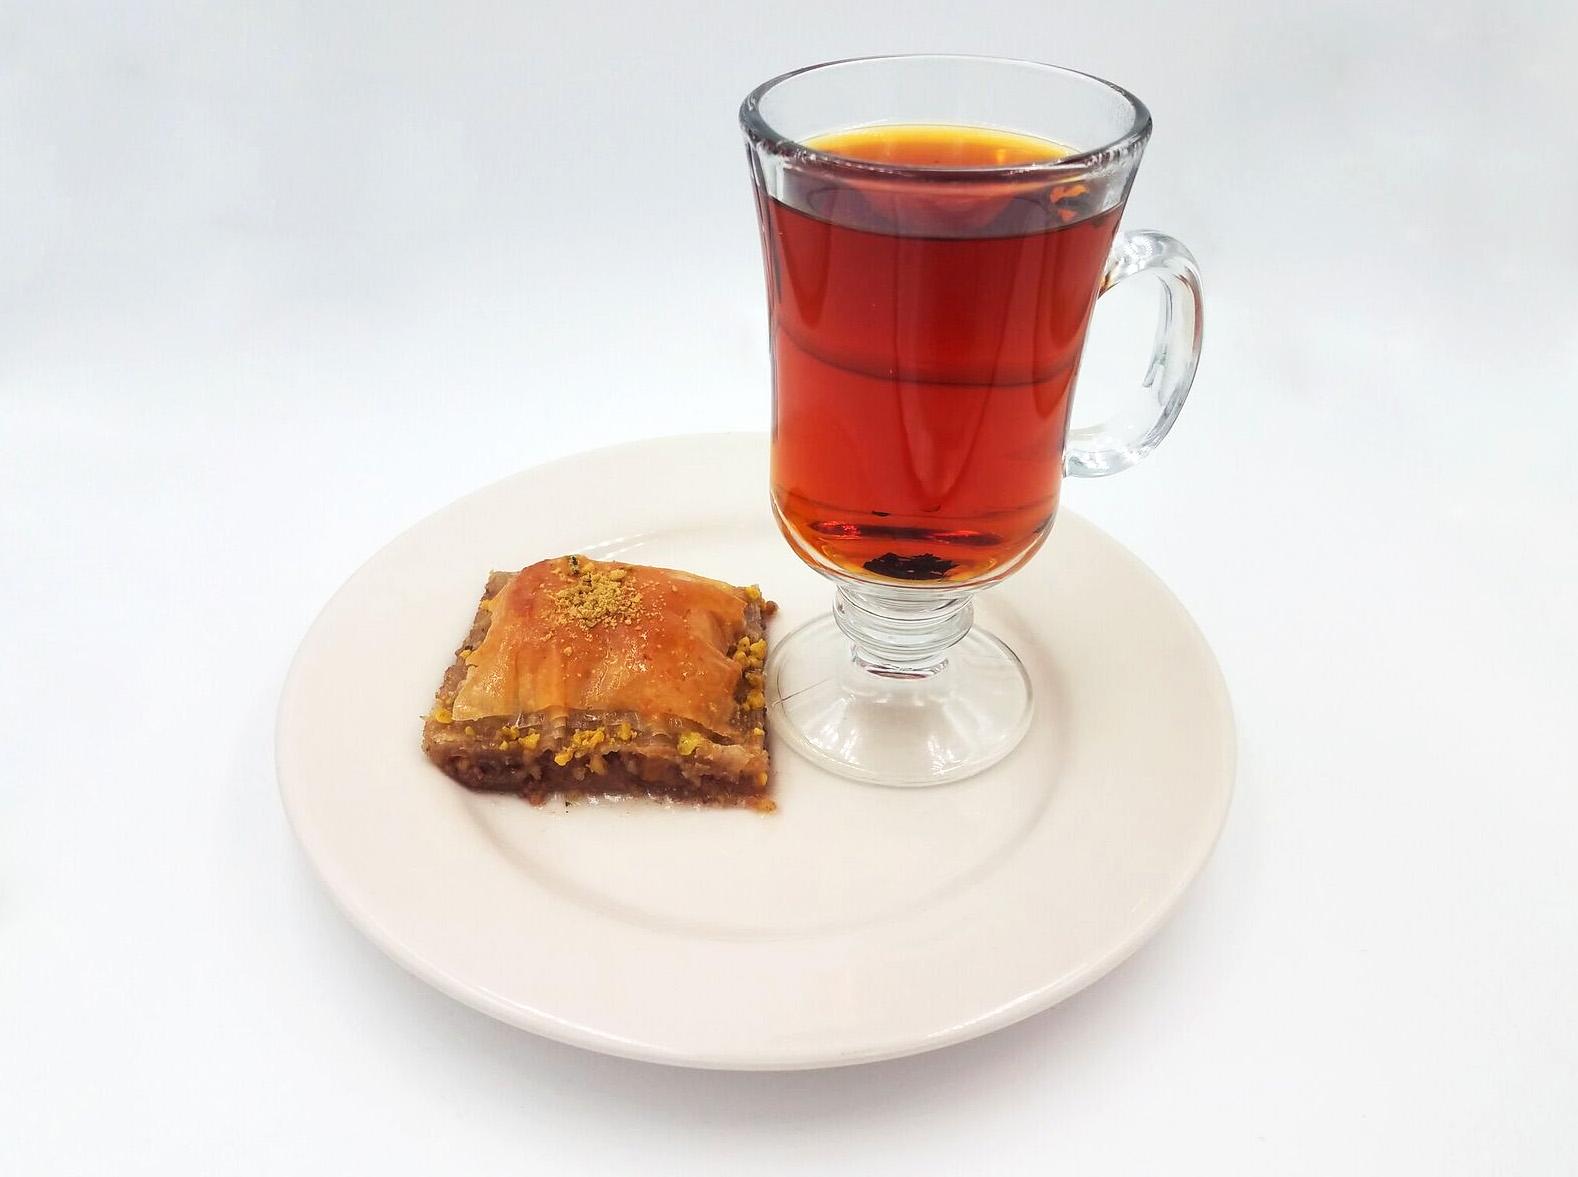 Baklava and Tea